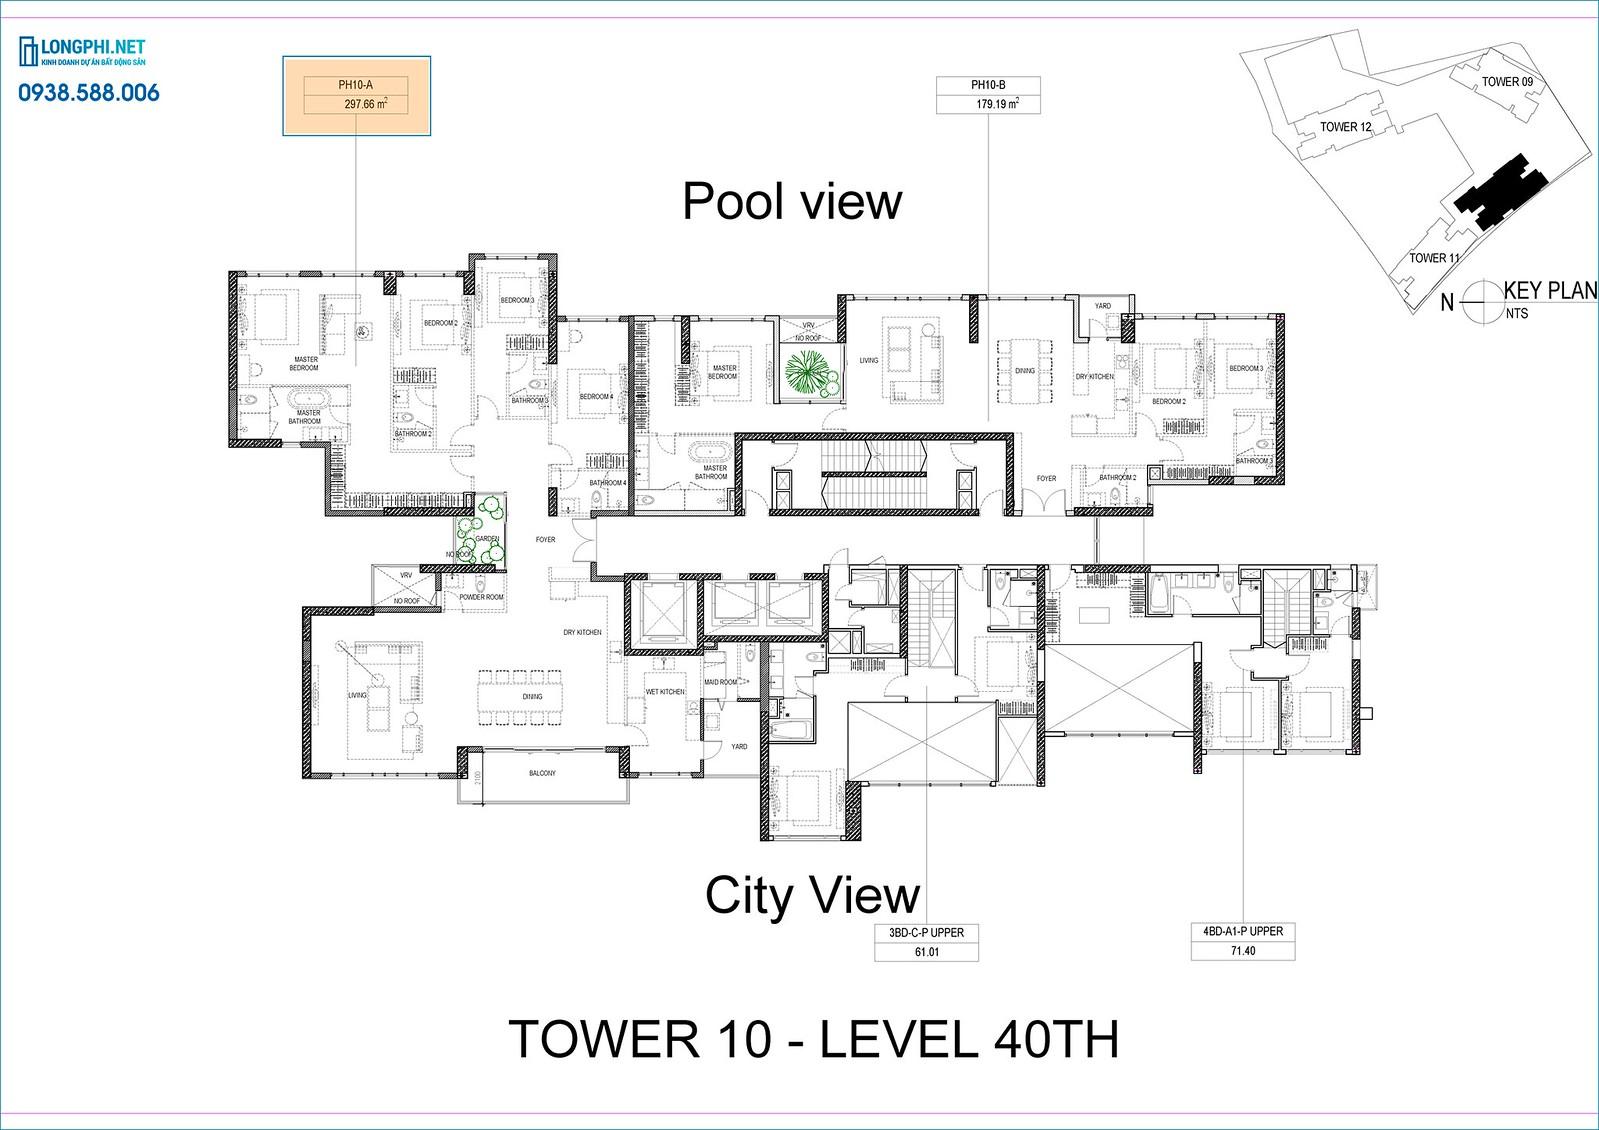 Mặt bằng penthouse tháp 10 The Infiniti - Riviera Point. Liên hệ Hoàng Long 0938.588.006 tư vấn chi tiết.